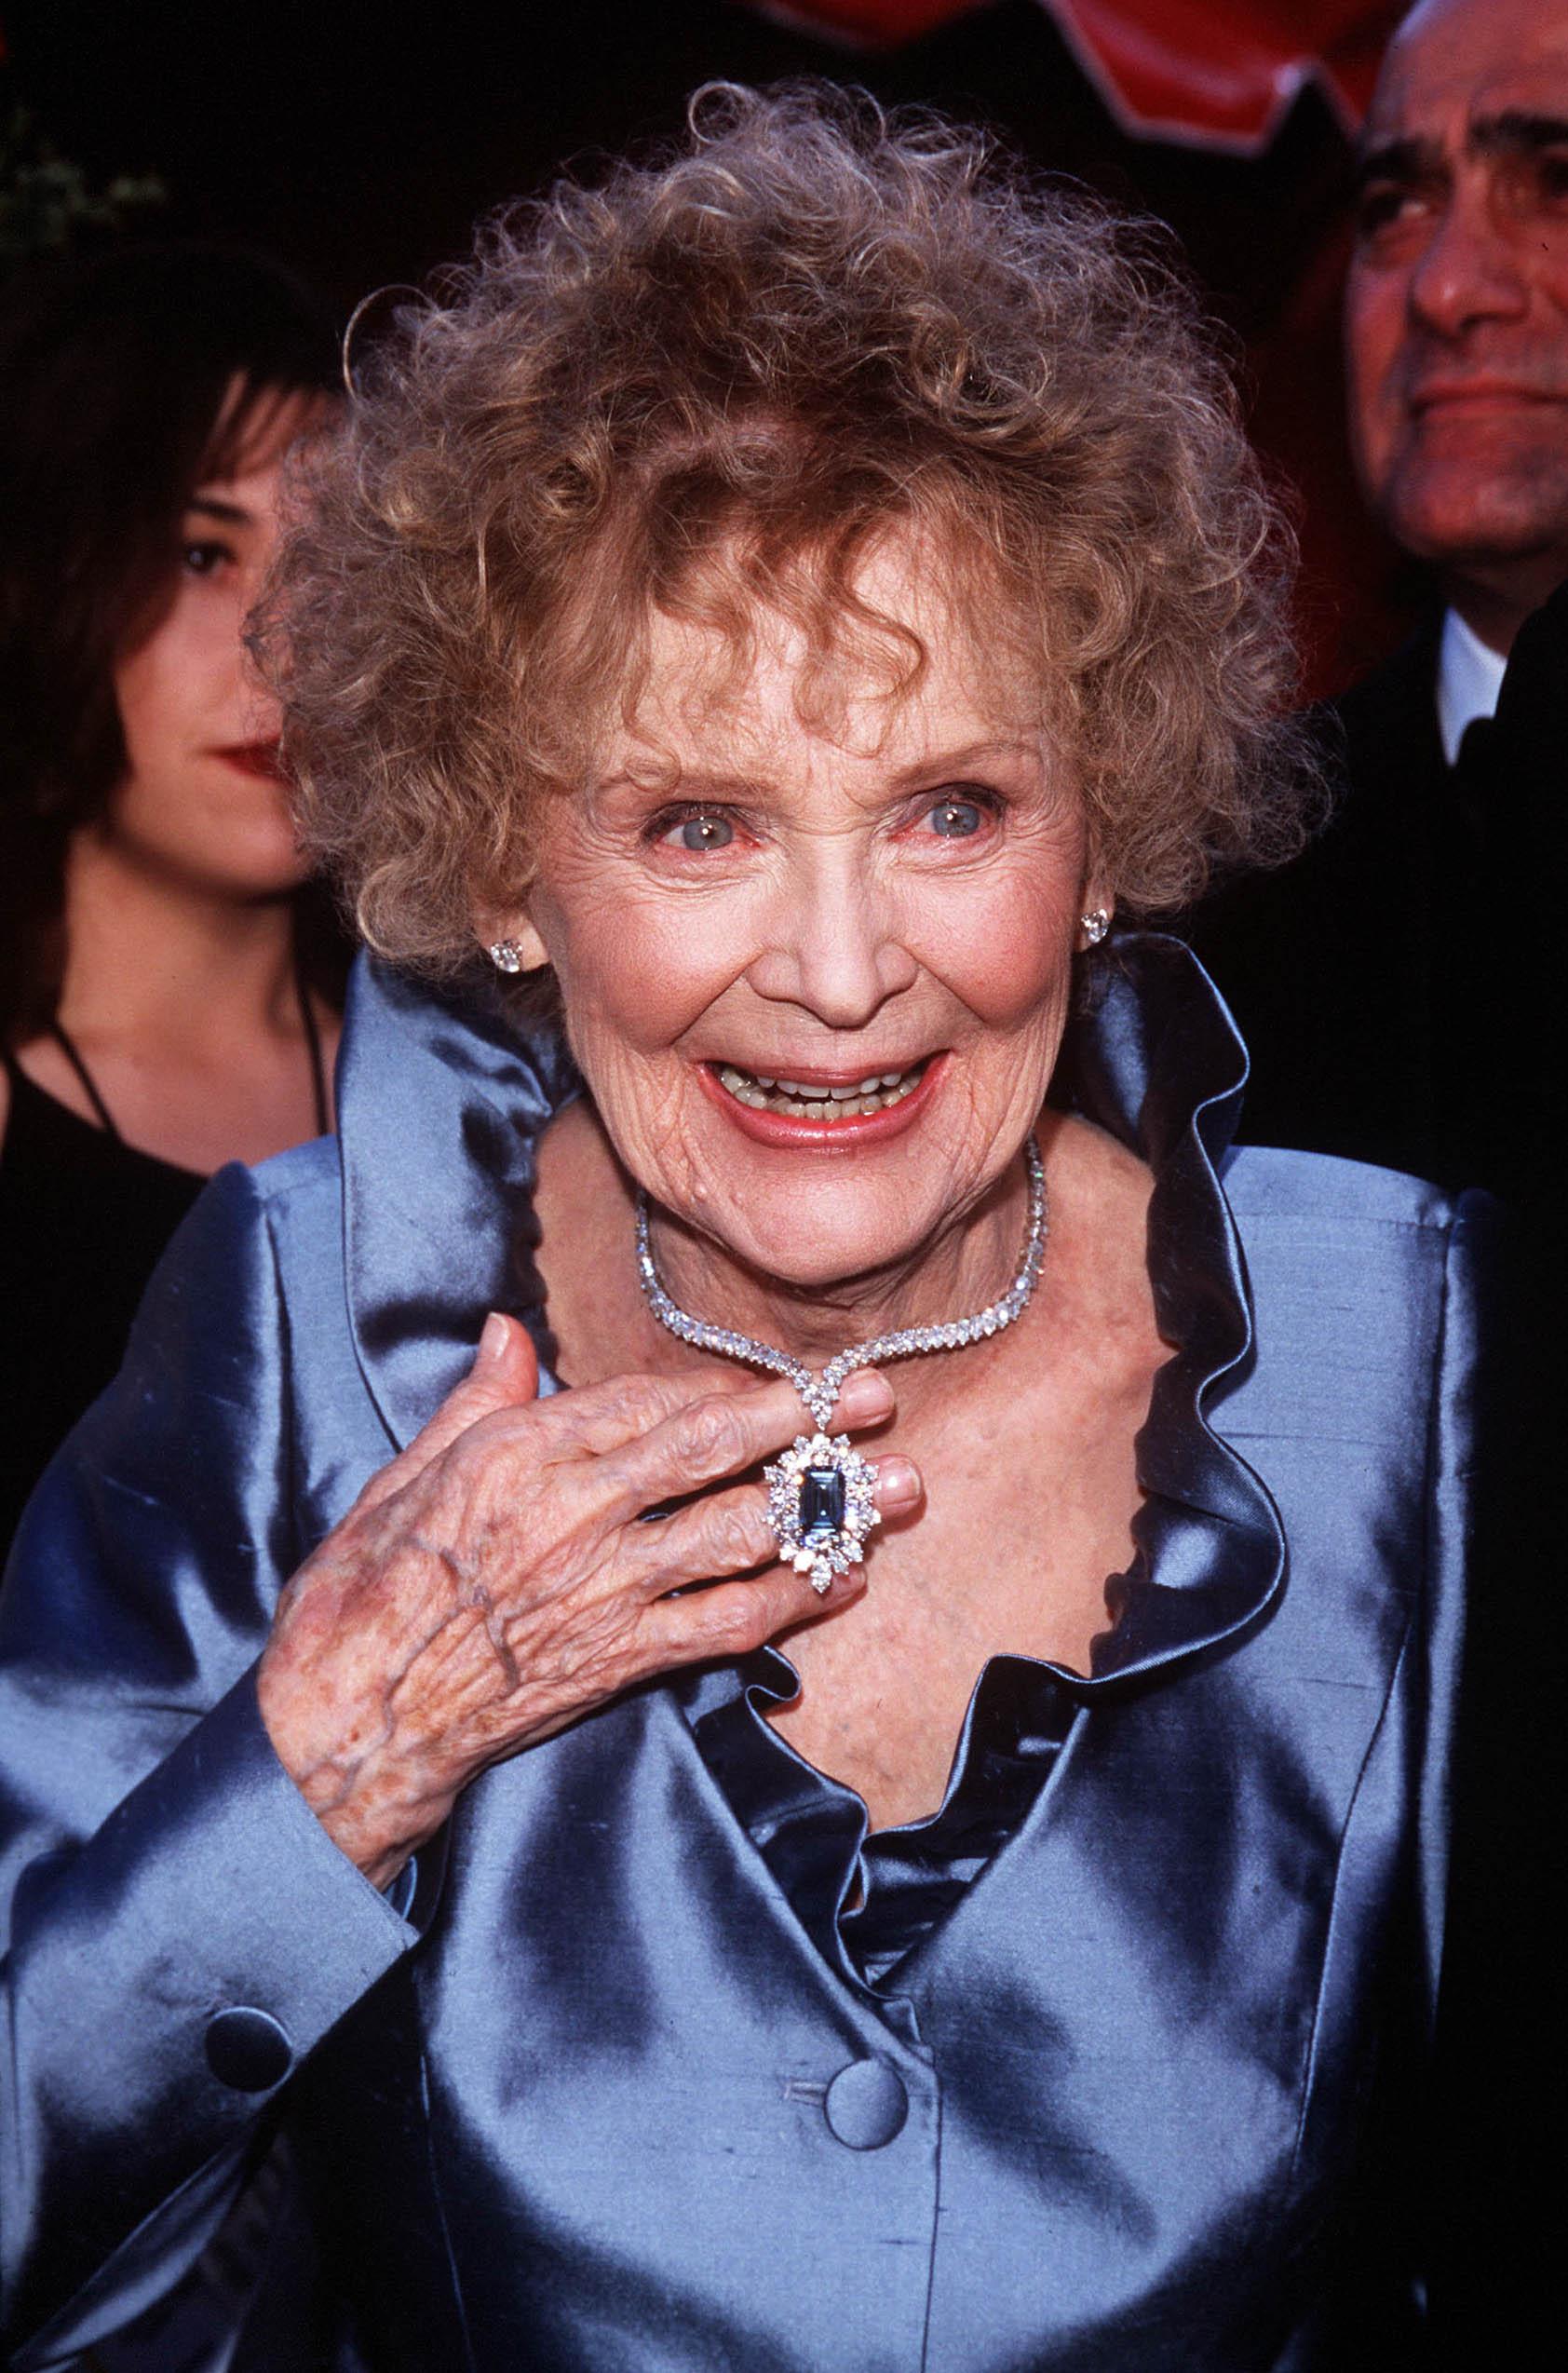 A atriz Gloria Stuart no Oscar de 1998. Ela está usando uma camisa azul de seda com babados na gola. Uma das suas mãos está segurando seu colar, que é todo de diamantes e tem um pingente com uma pedra azul no meio. Ela está sorrindo e olhando levemente para o lado direito.